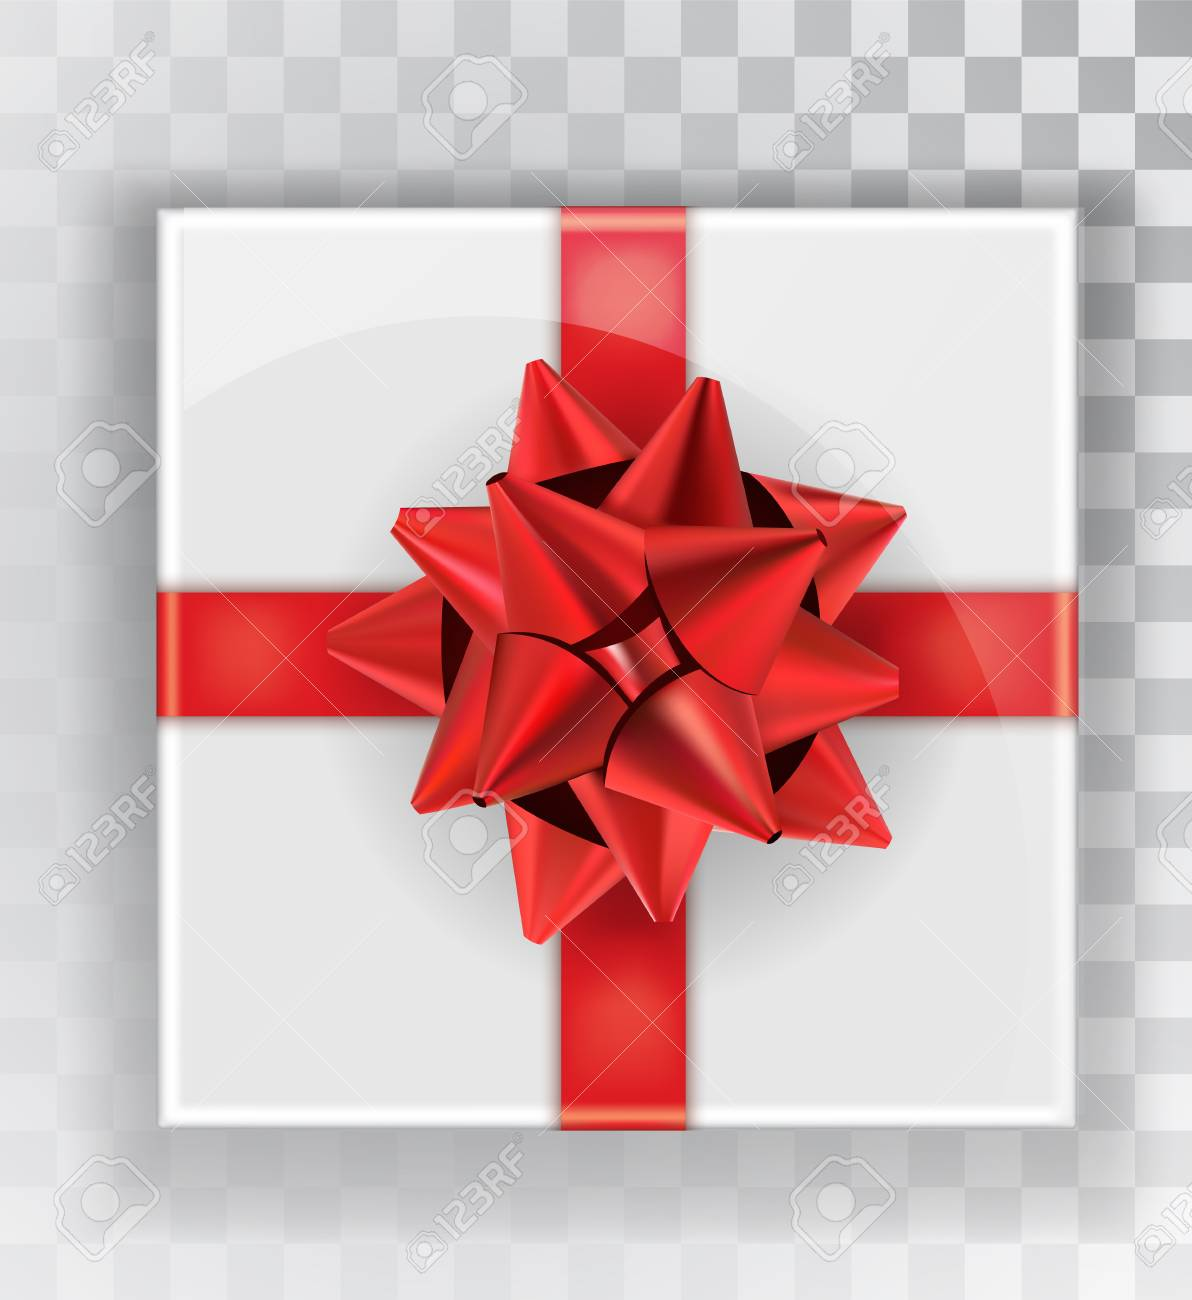 Vettoriale - Pacco Regalo. Contenitori Di Regalo Di Natale Bianco